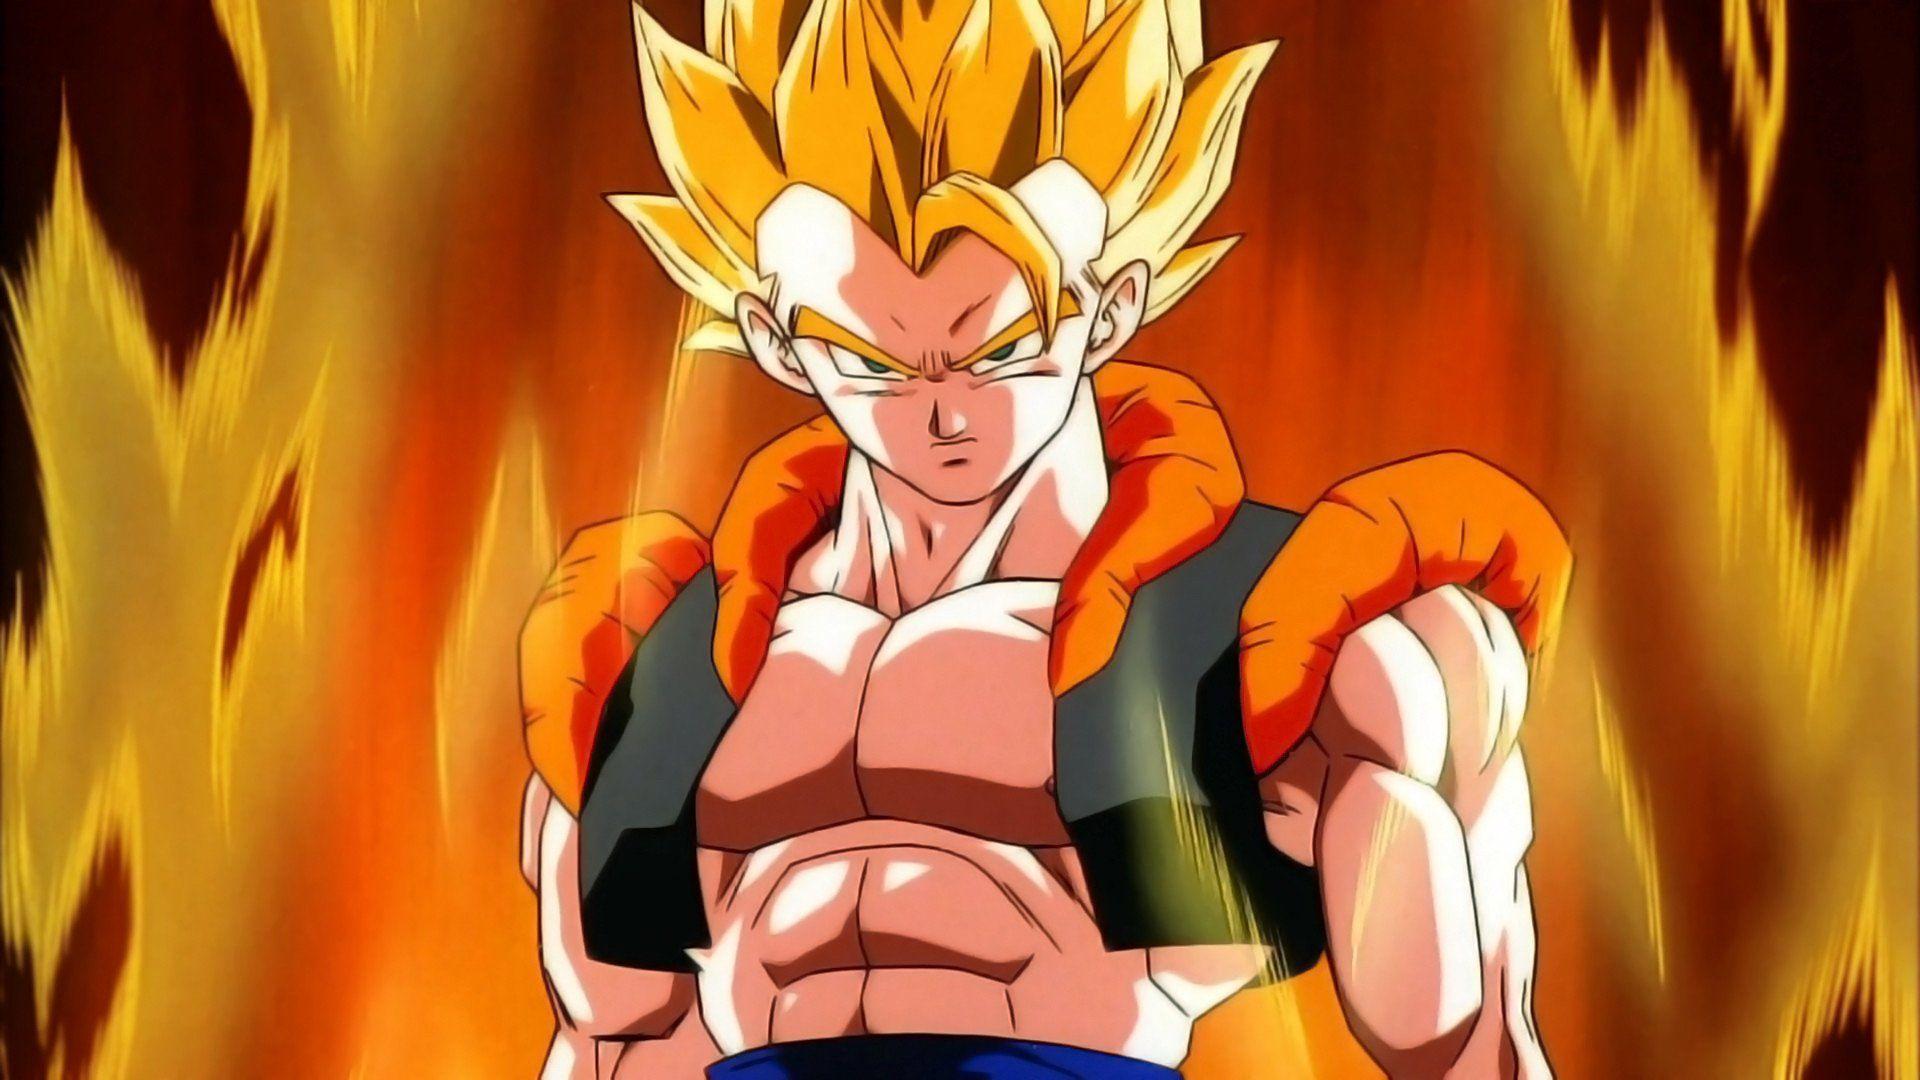 Dragon Ball Z Uma Nova Fusão! Goku e Vegeta imagens